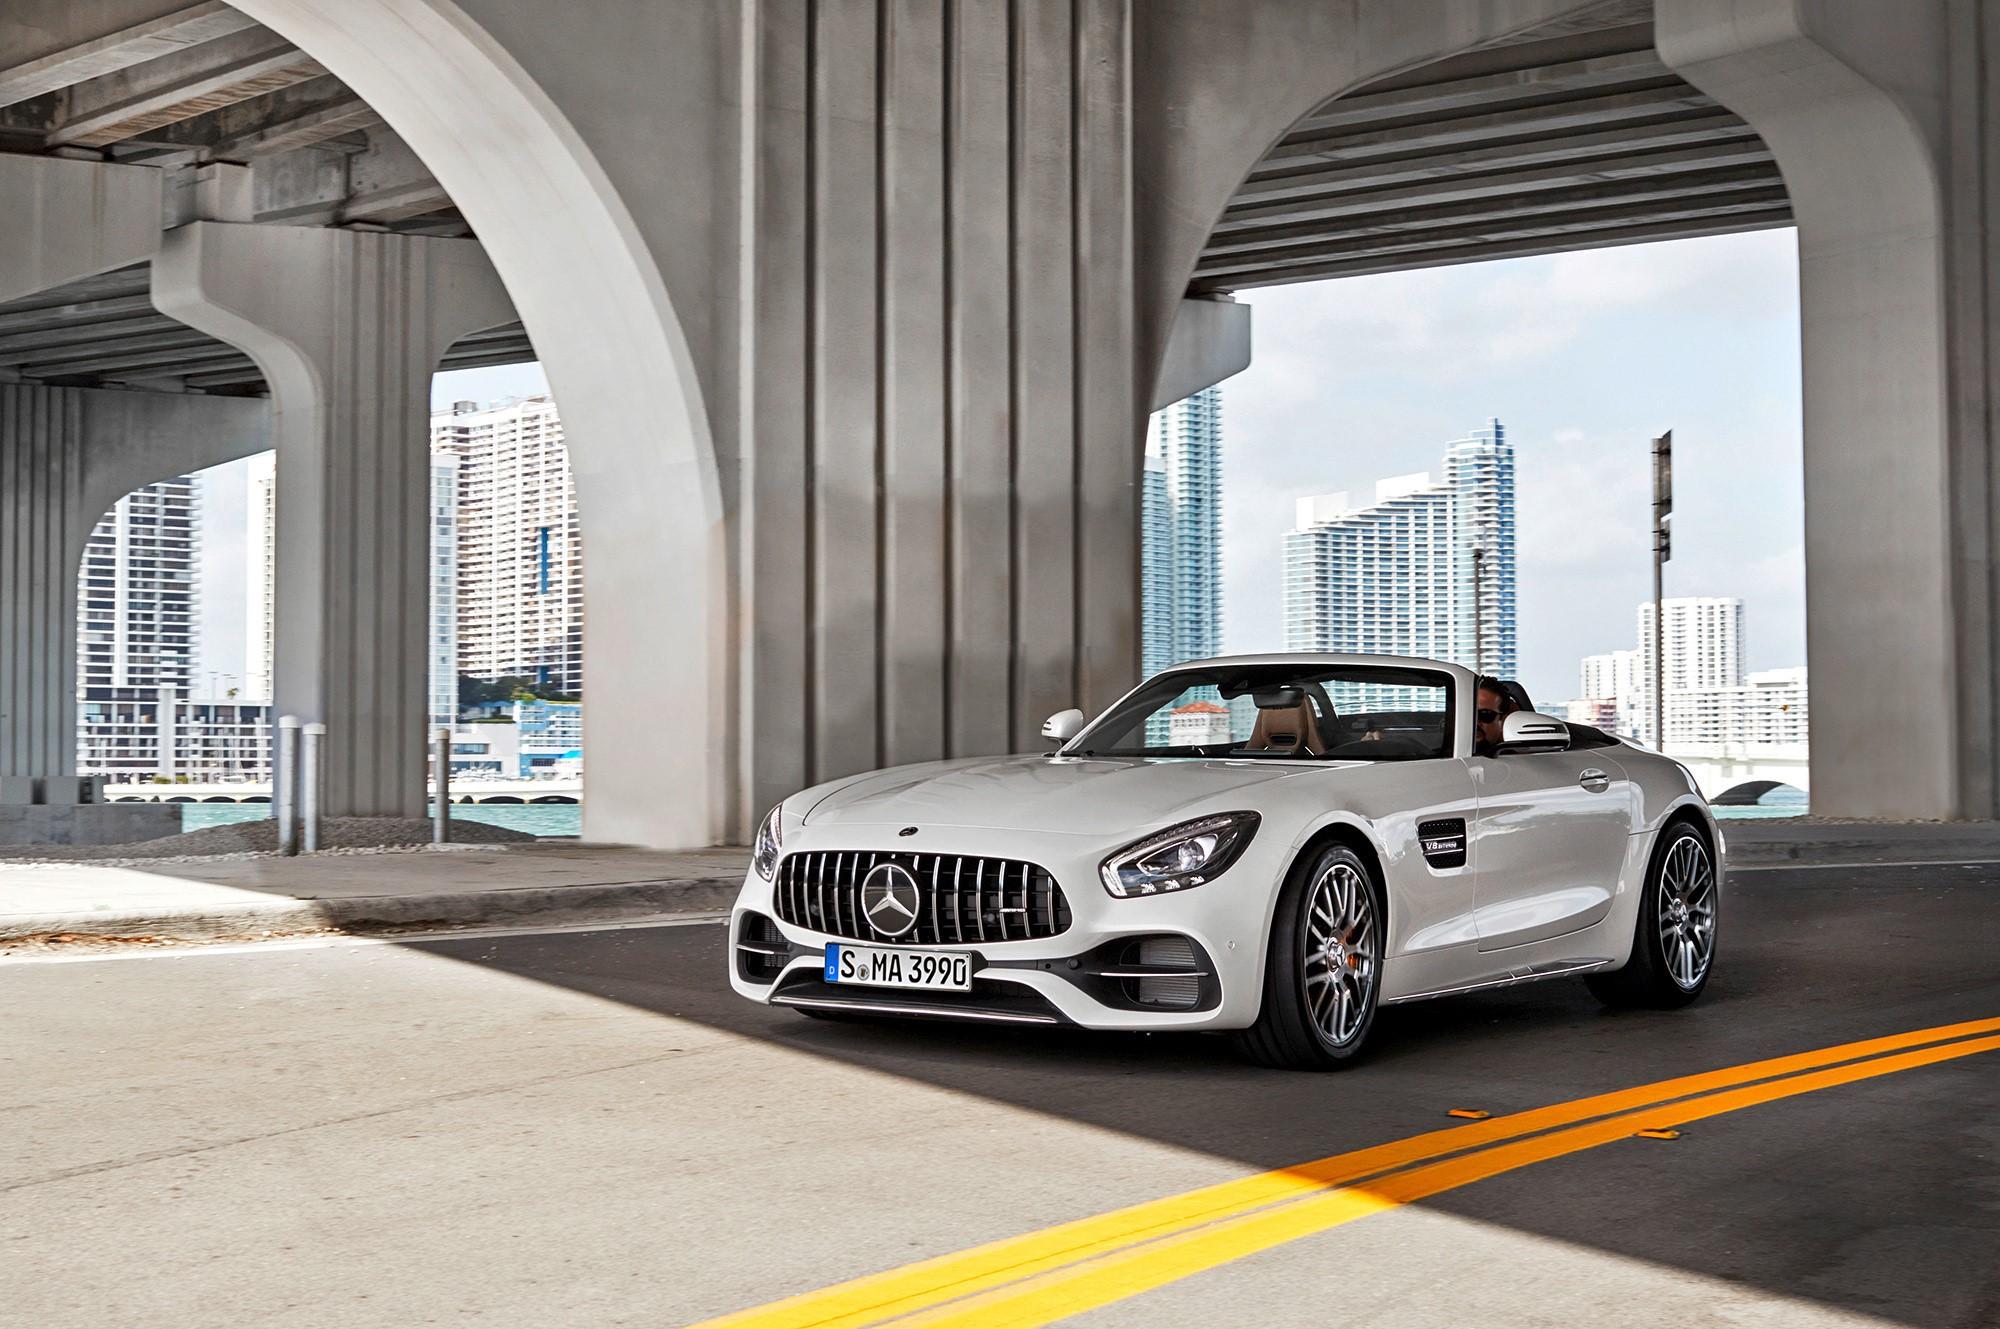 Mercedes AMG GT C Roadster Background images